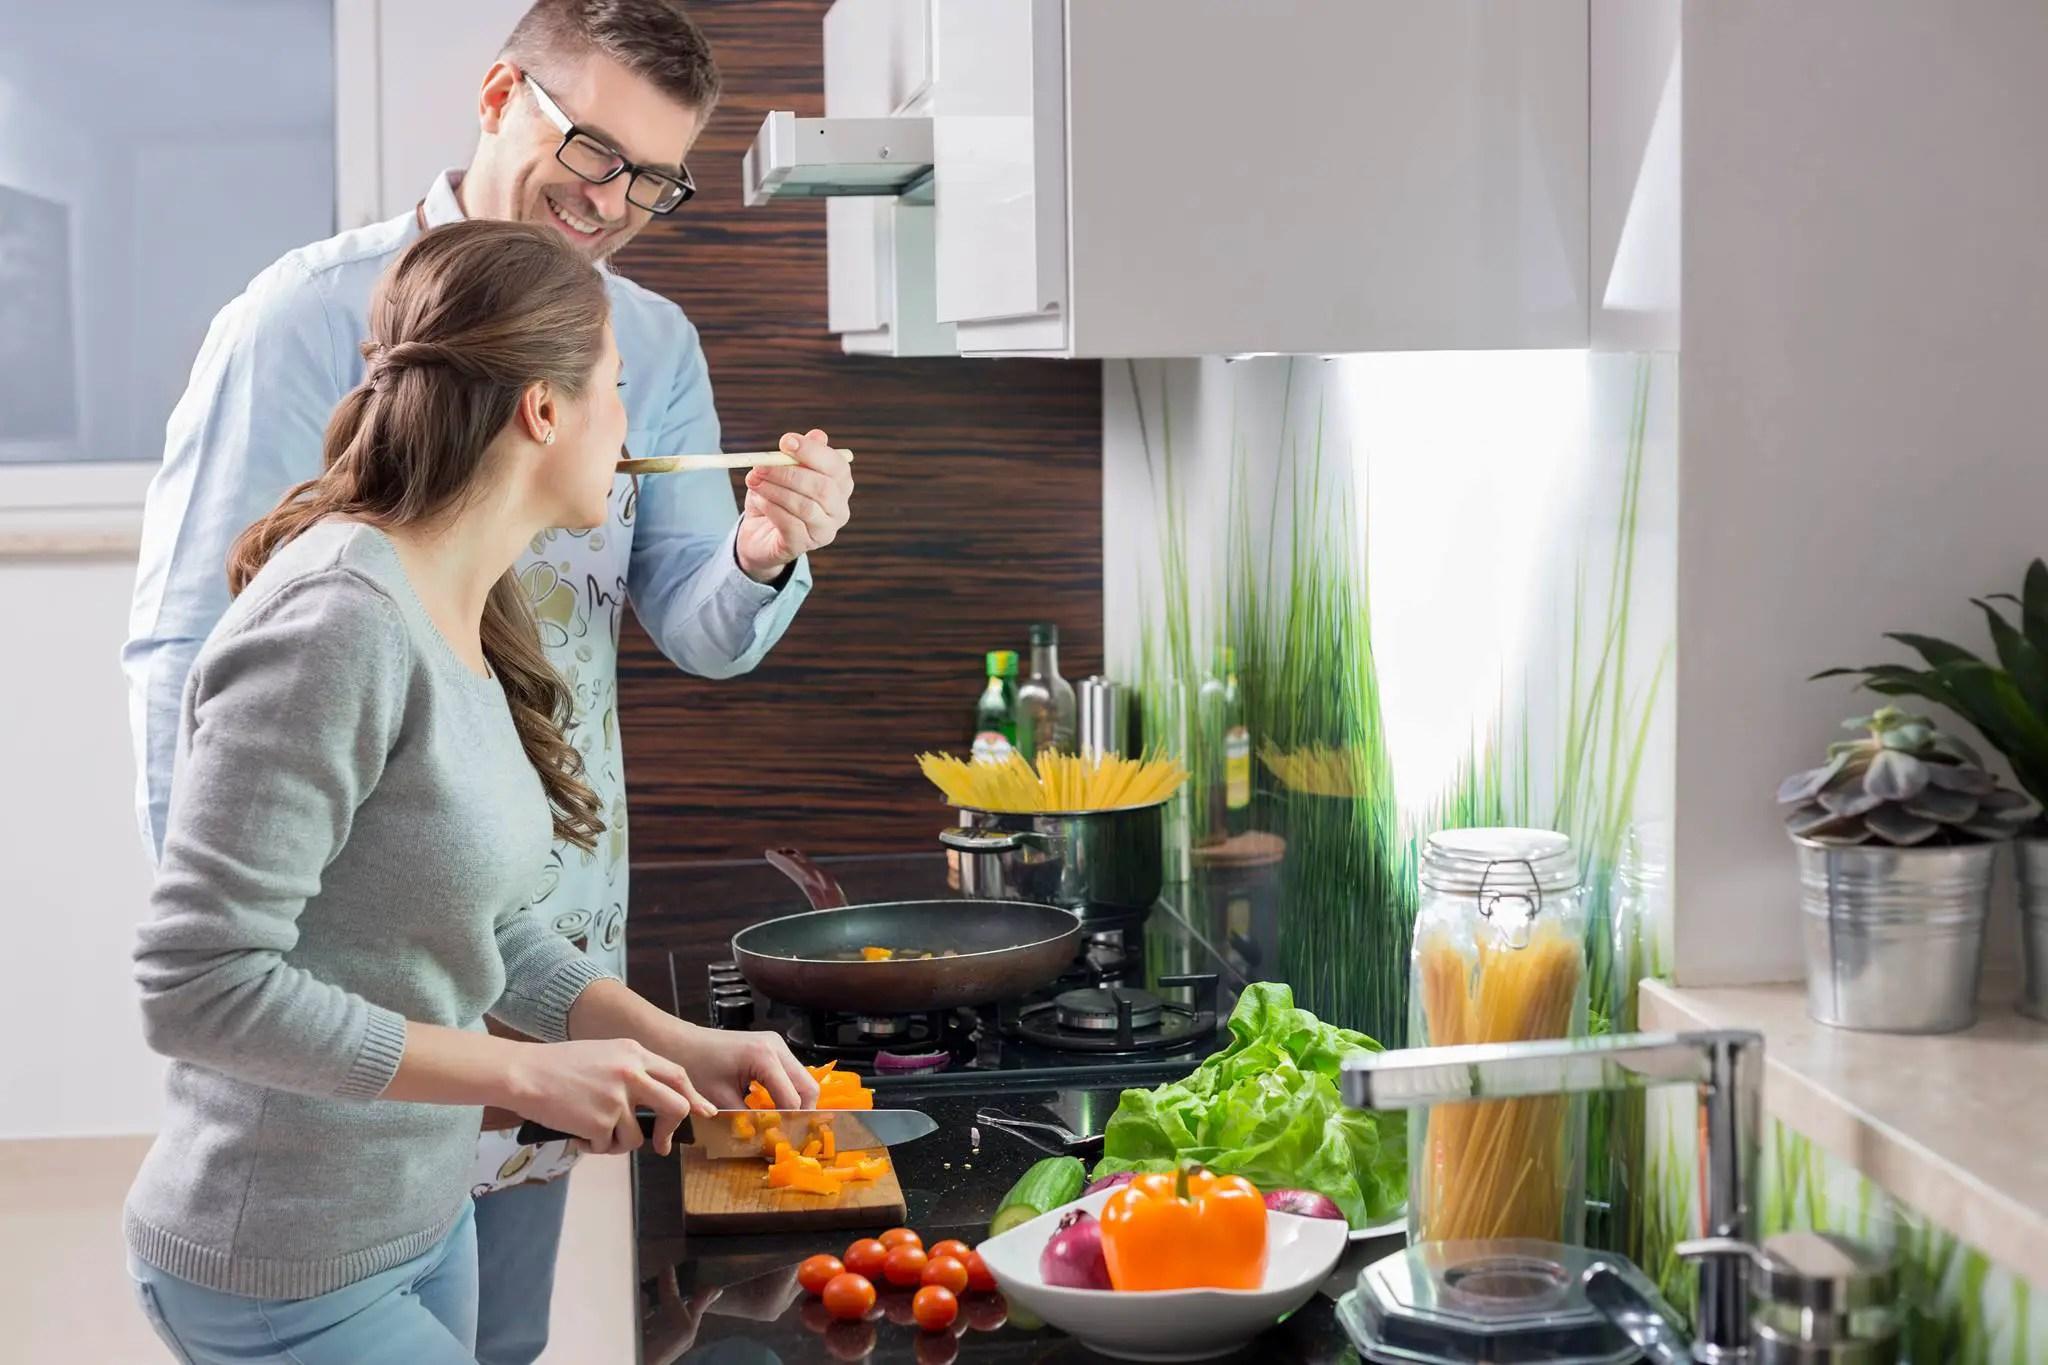 Cuisinart Green Gourmet Review